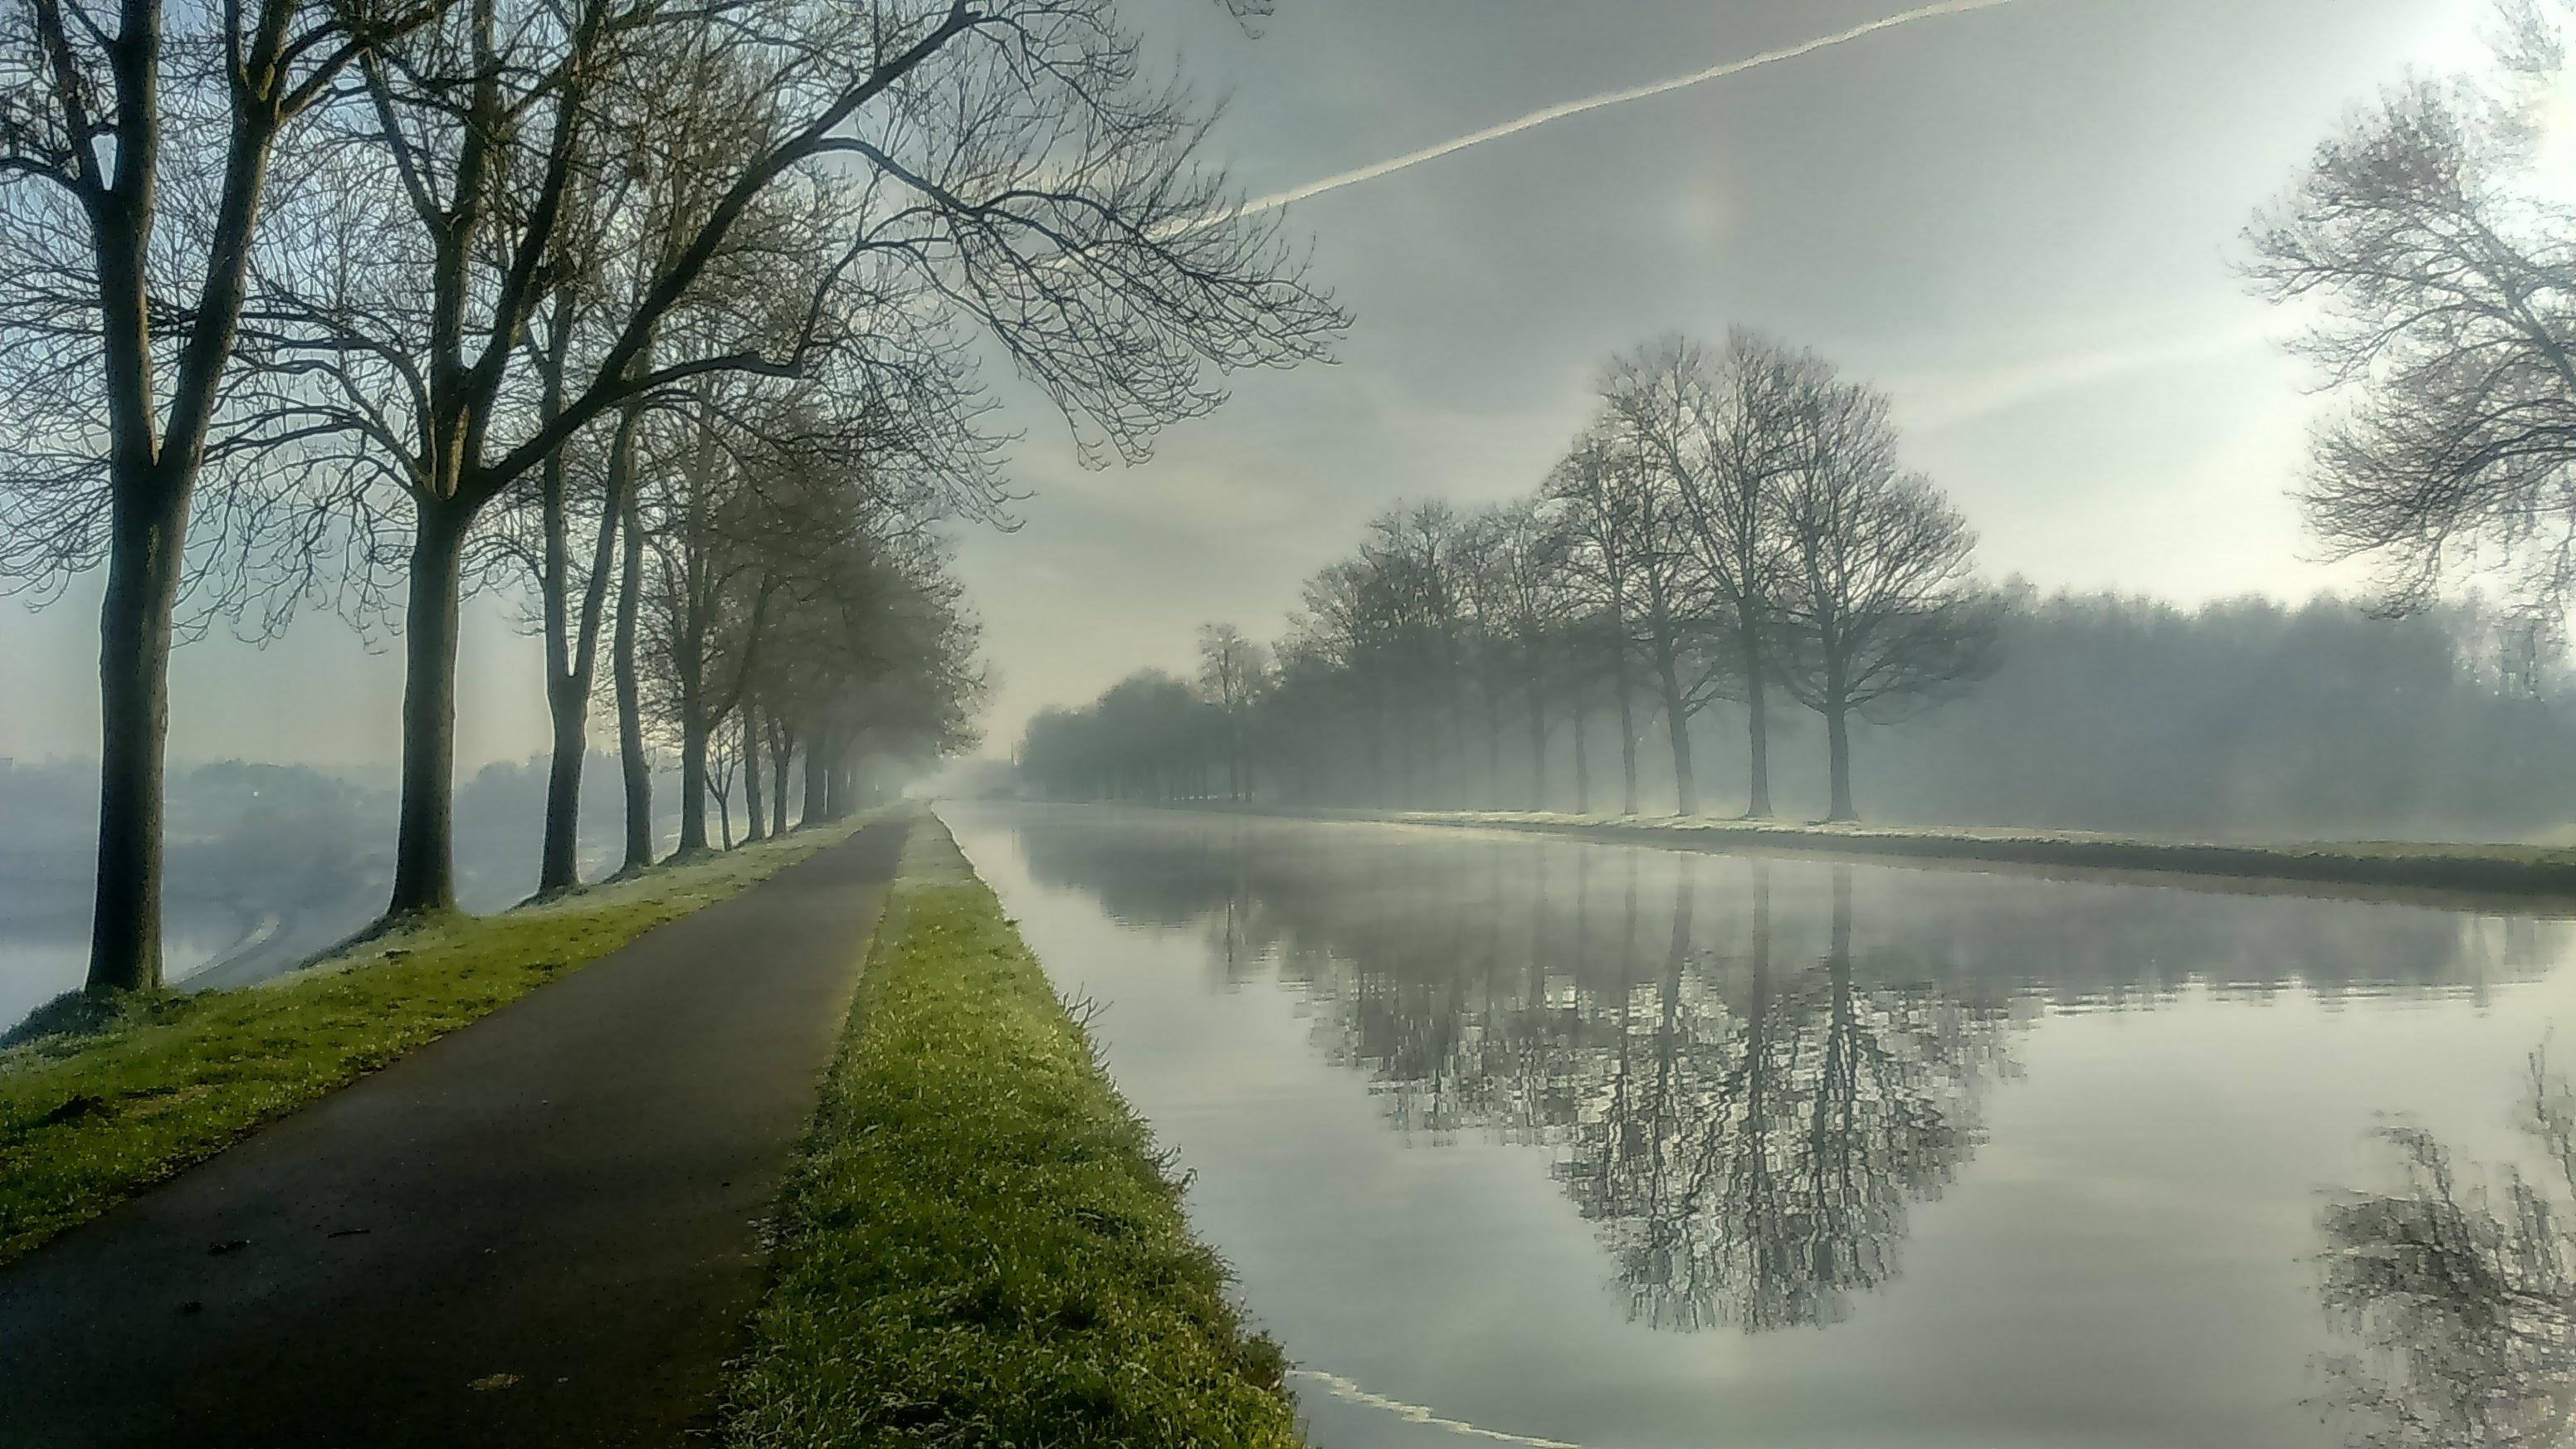 La Louviere, Walloon Region, Belgium